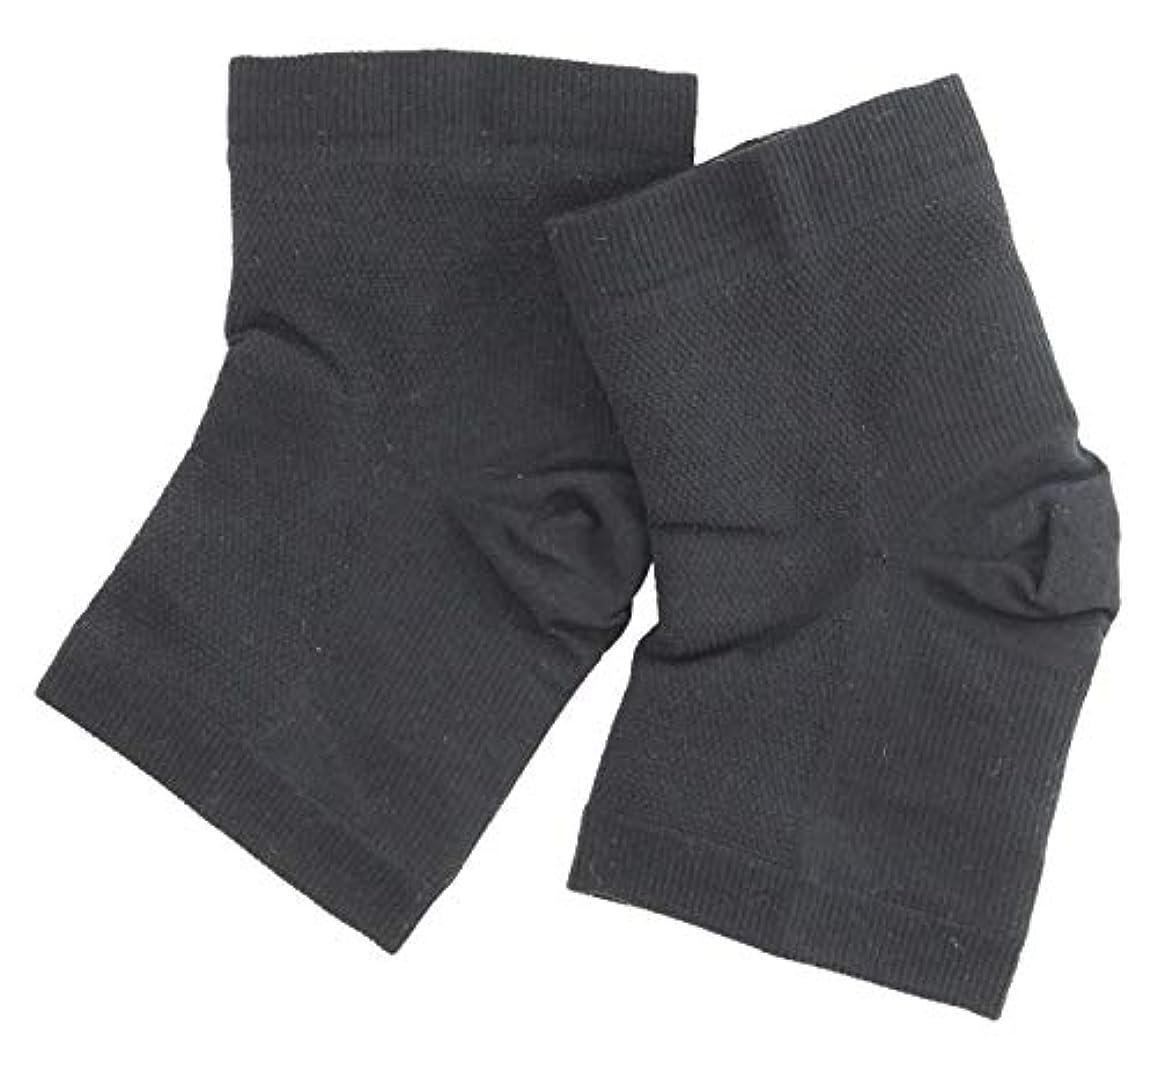 フィードバックブローホール失望させる温むすび かかとケア靴下 【足うら美人潤いサポーター  フリー(男女兼用) クロ】 ひび割れ ケア